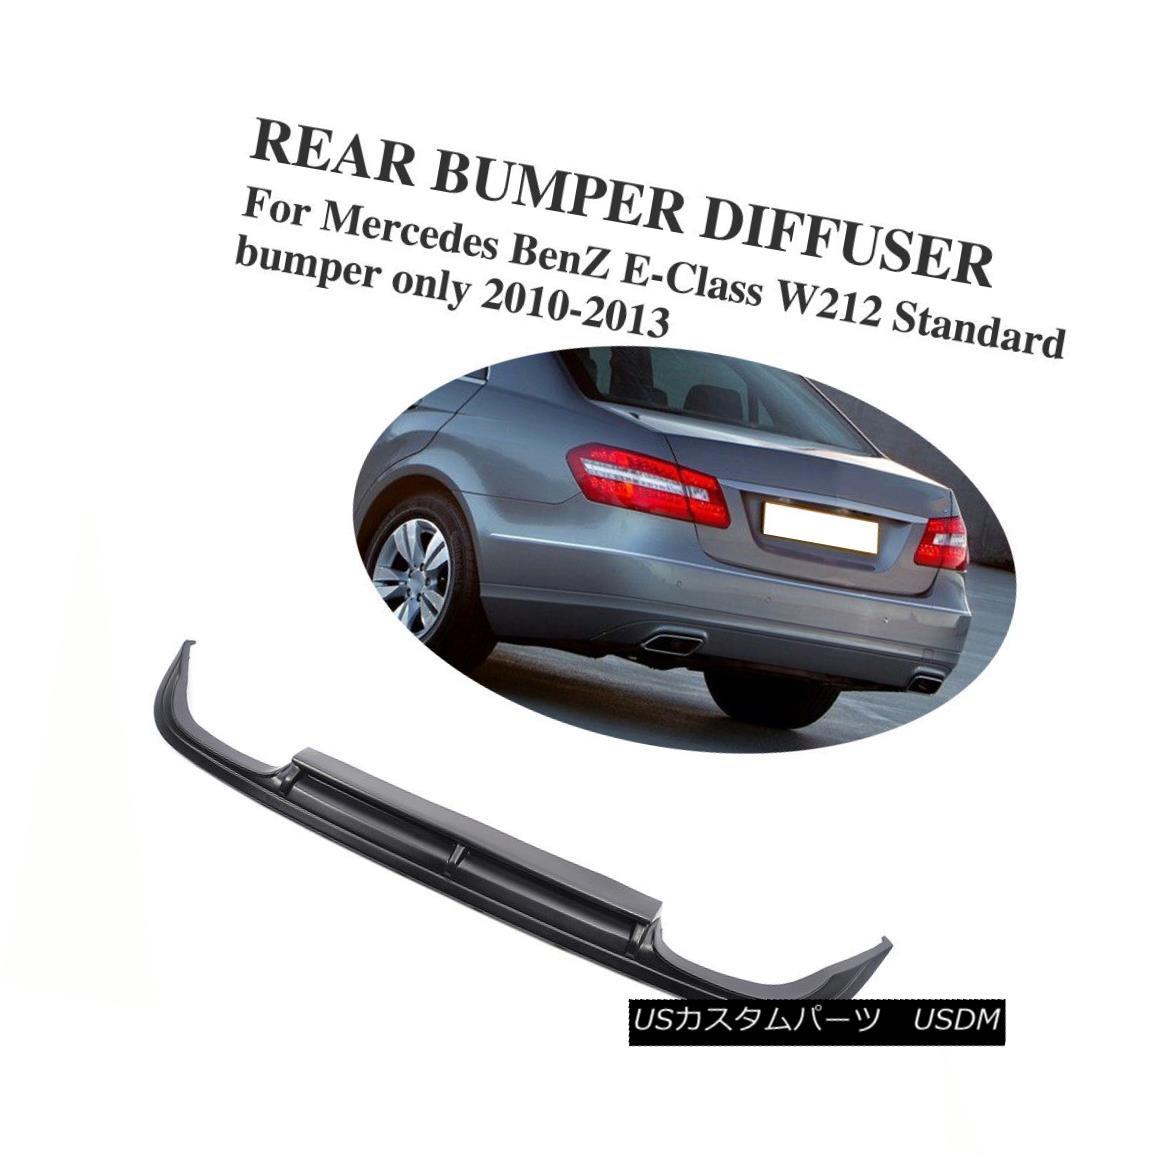 エアロパーツ PU Rear Lip Deep Diffuser Fit for Mercedes BenZ E-Class W212 bumper 4Door 10-13 メルセデスベンツEクラスW212バンパー4Door 10-13のPU後部リップディープディフューザーフィット